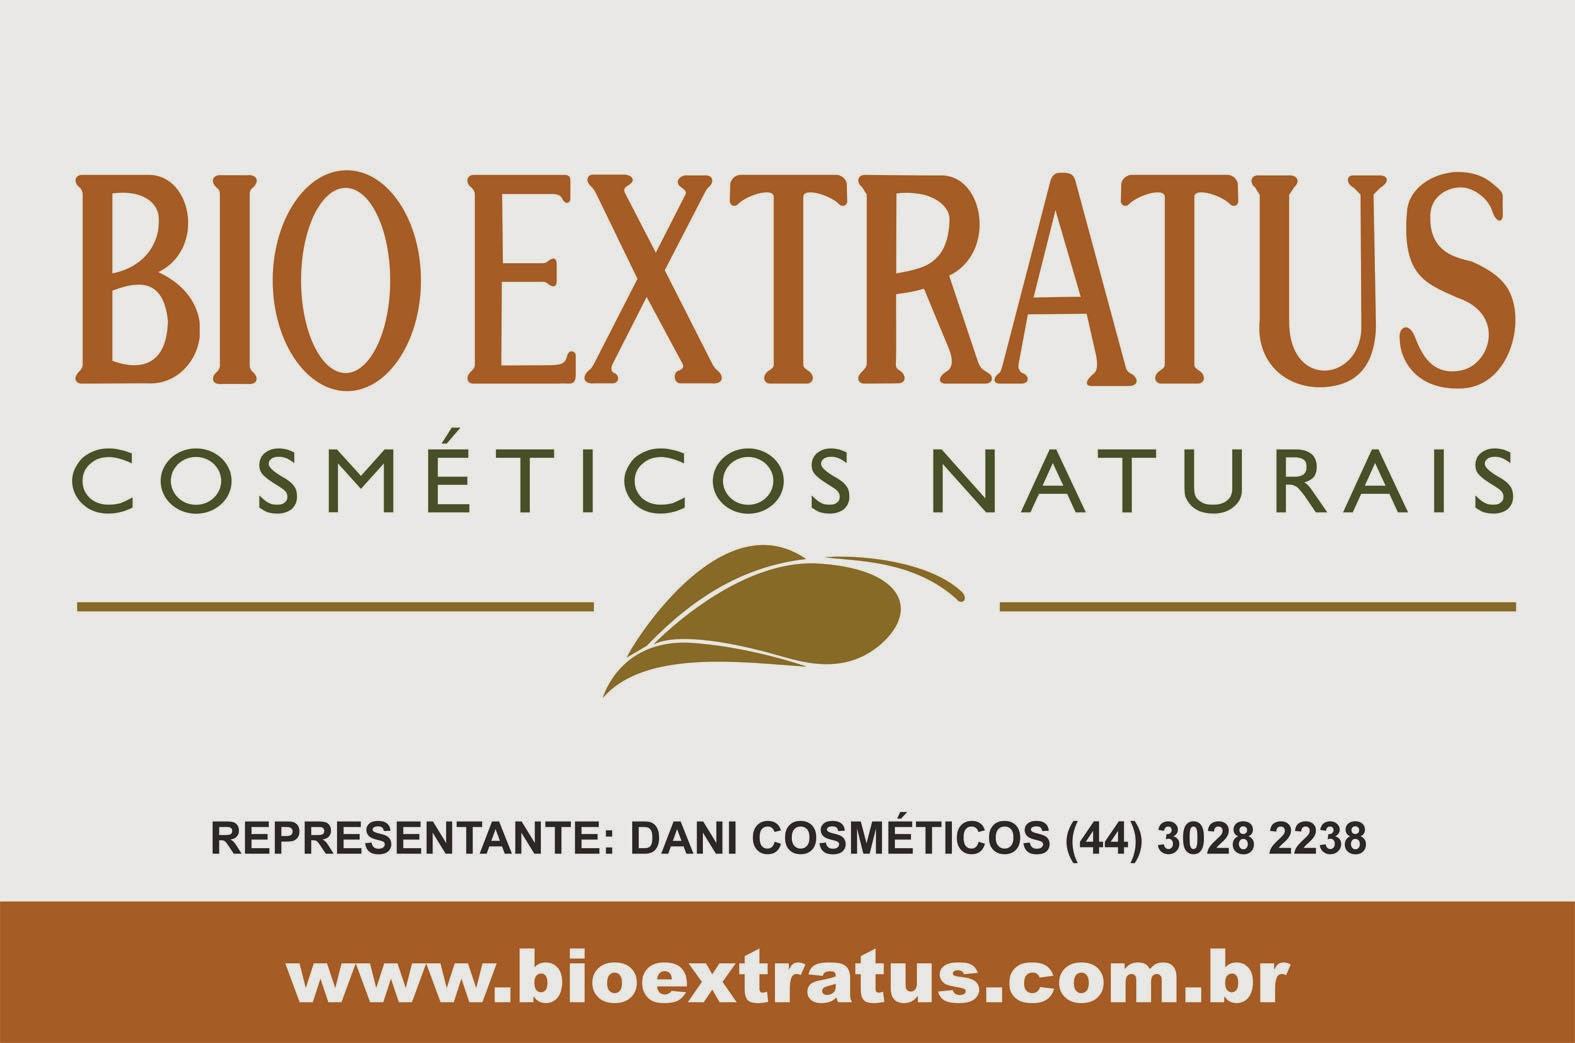 BIOEXTRATUS